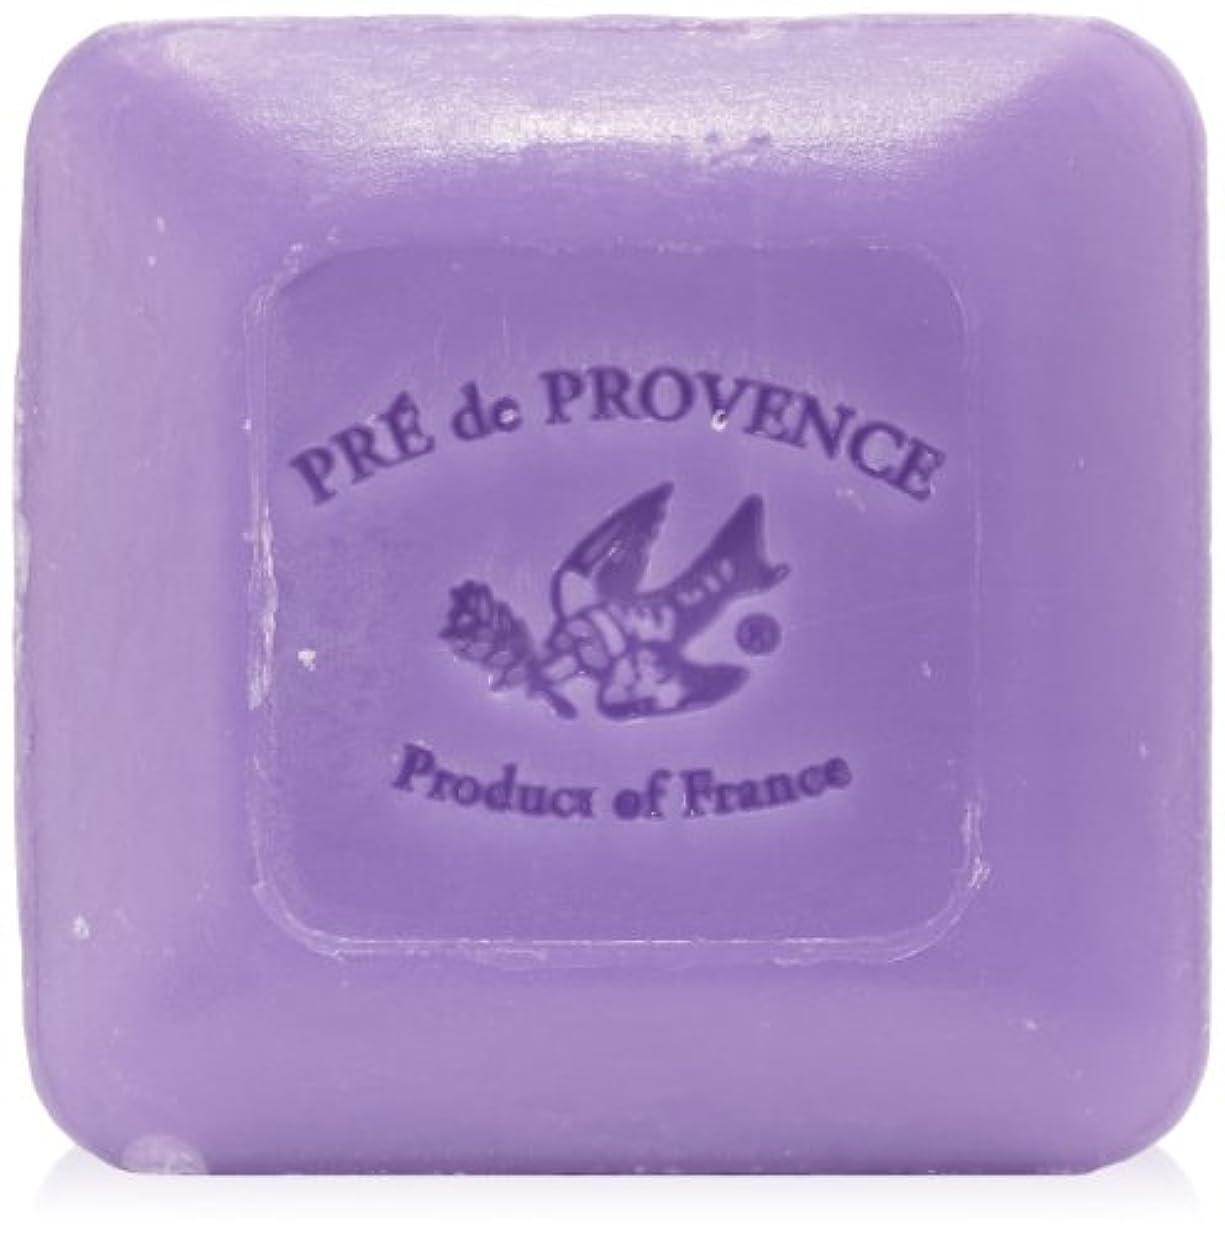 副ほうき期待してPRE de PROVENCE シアバター エンリッチドソープ ギフトパック ジャスミン JASMIN プレ ドゥ プロヴァンス Shea Butter Enriched Soap